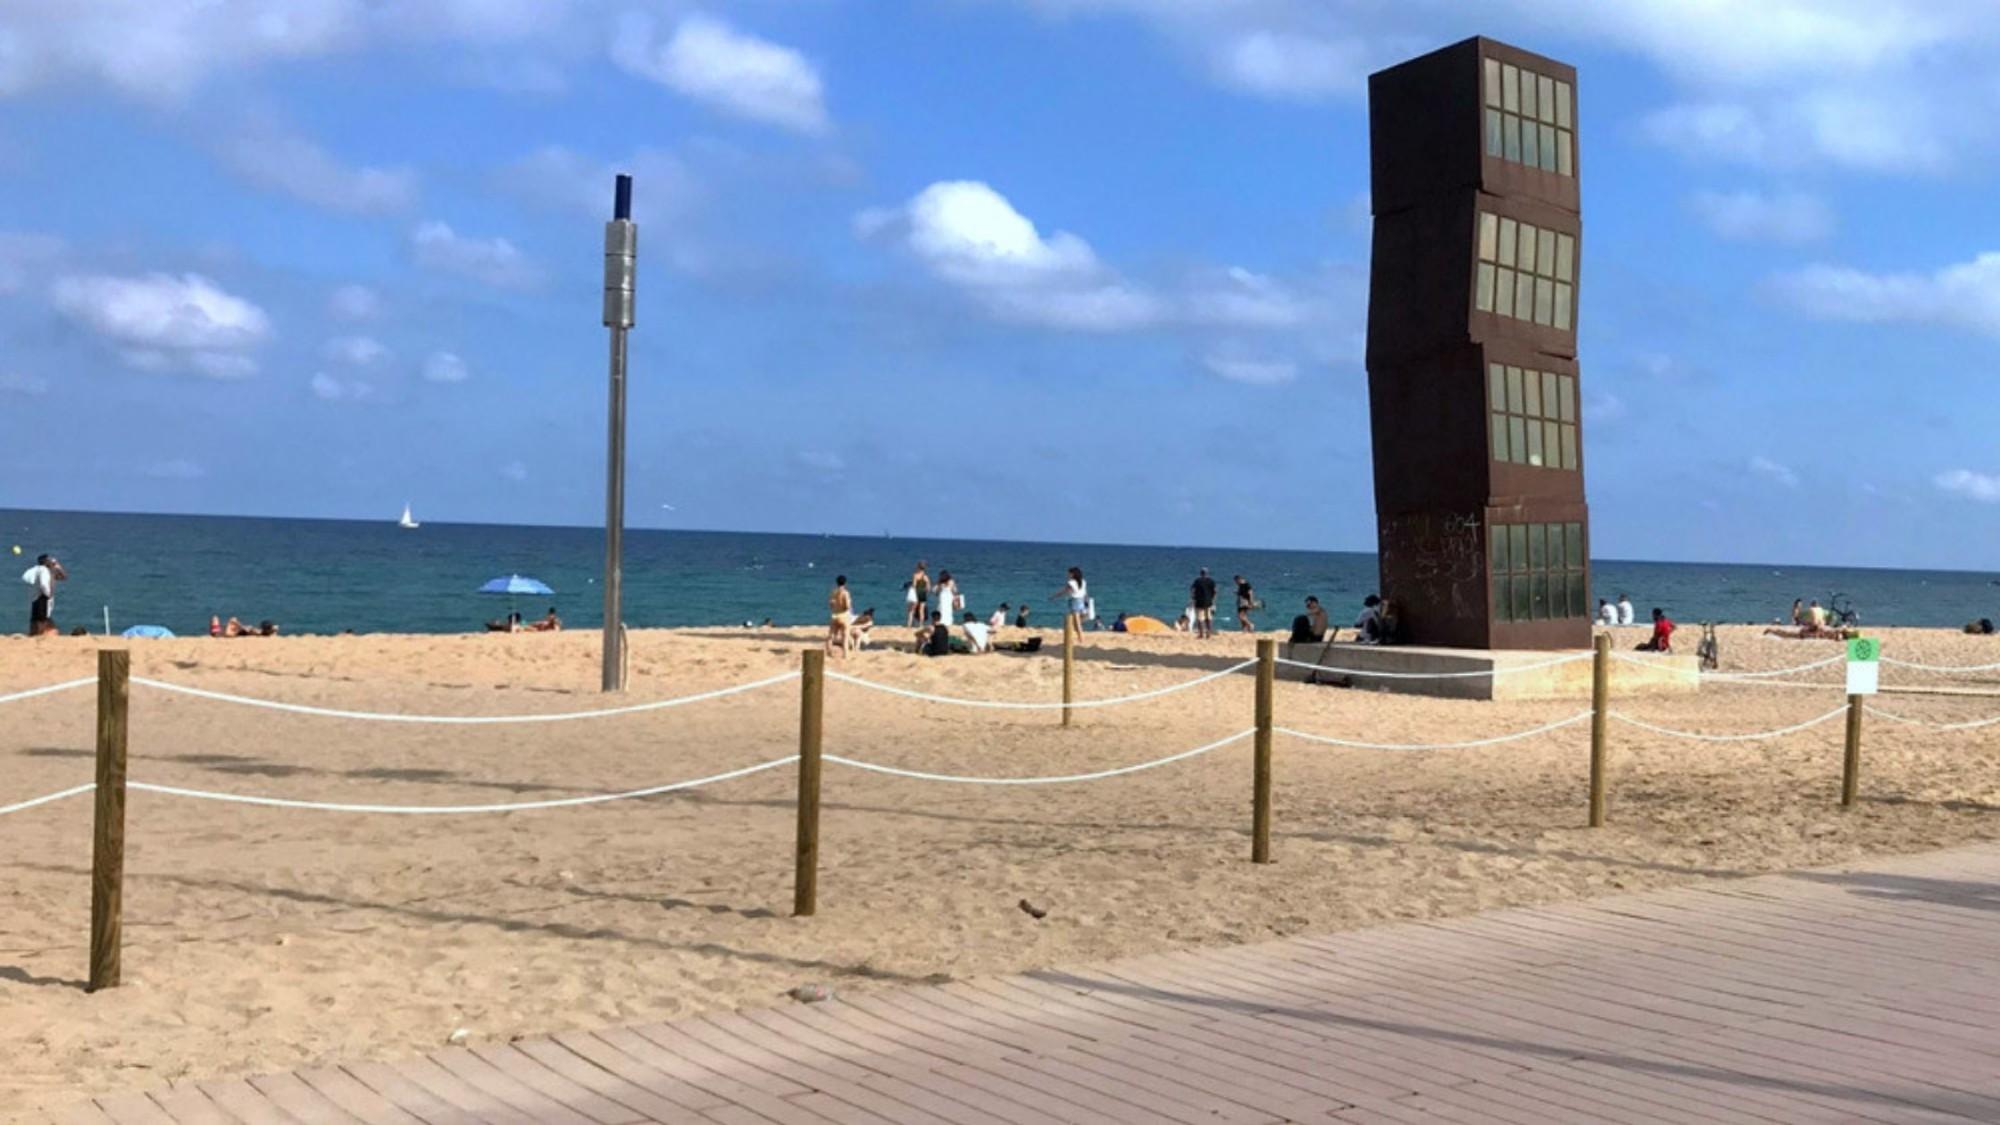 Tanques de fusta per a delimitar platges i prevenir nous contagis del covid-19